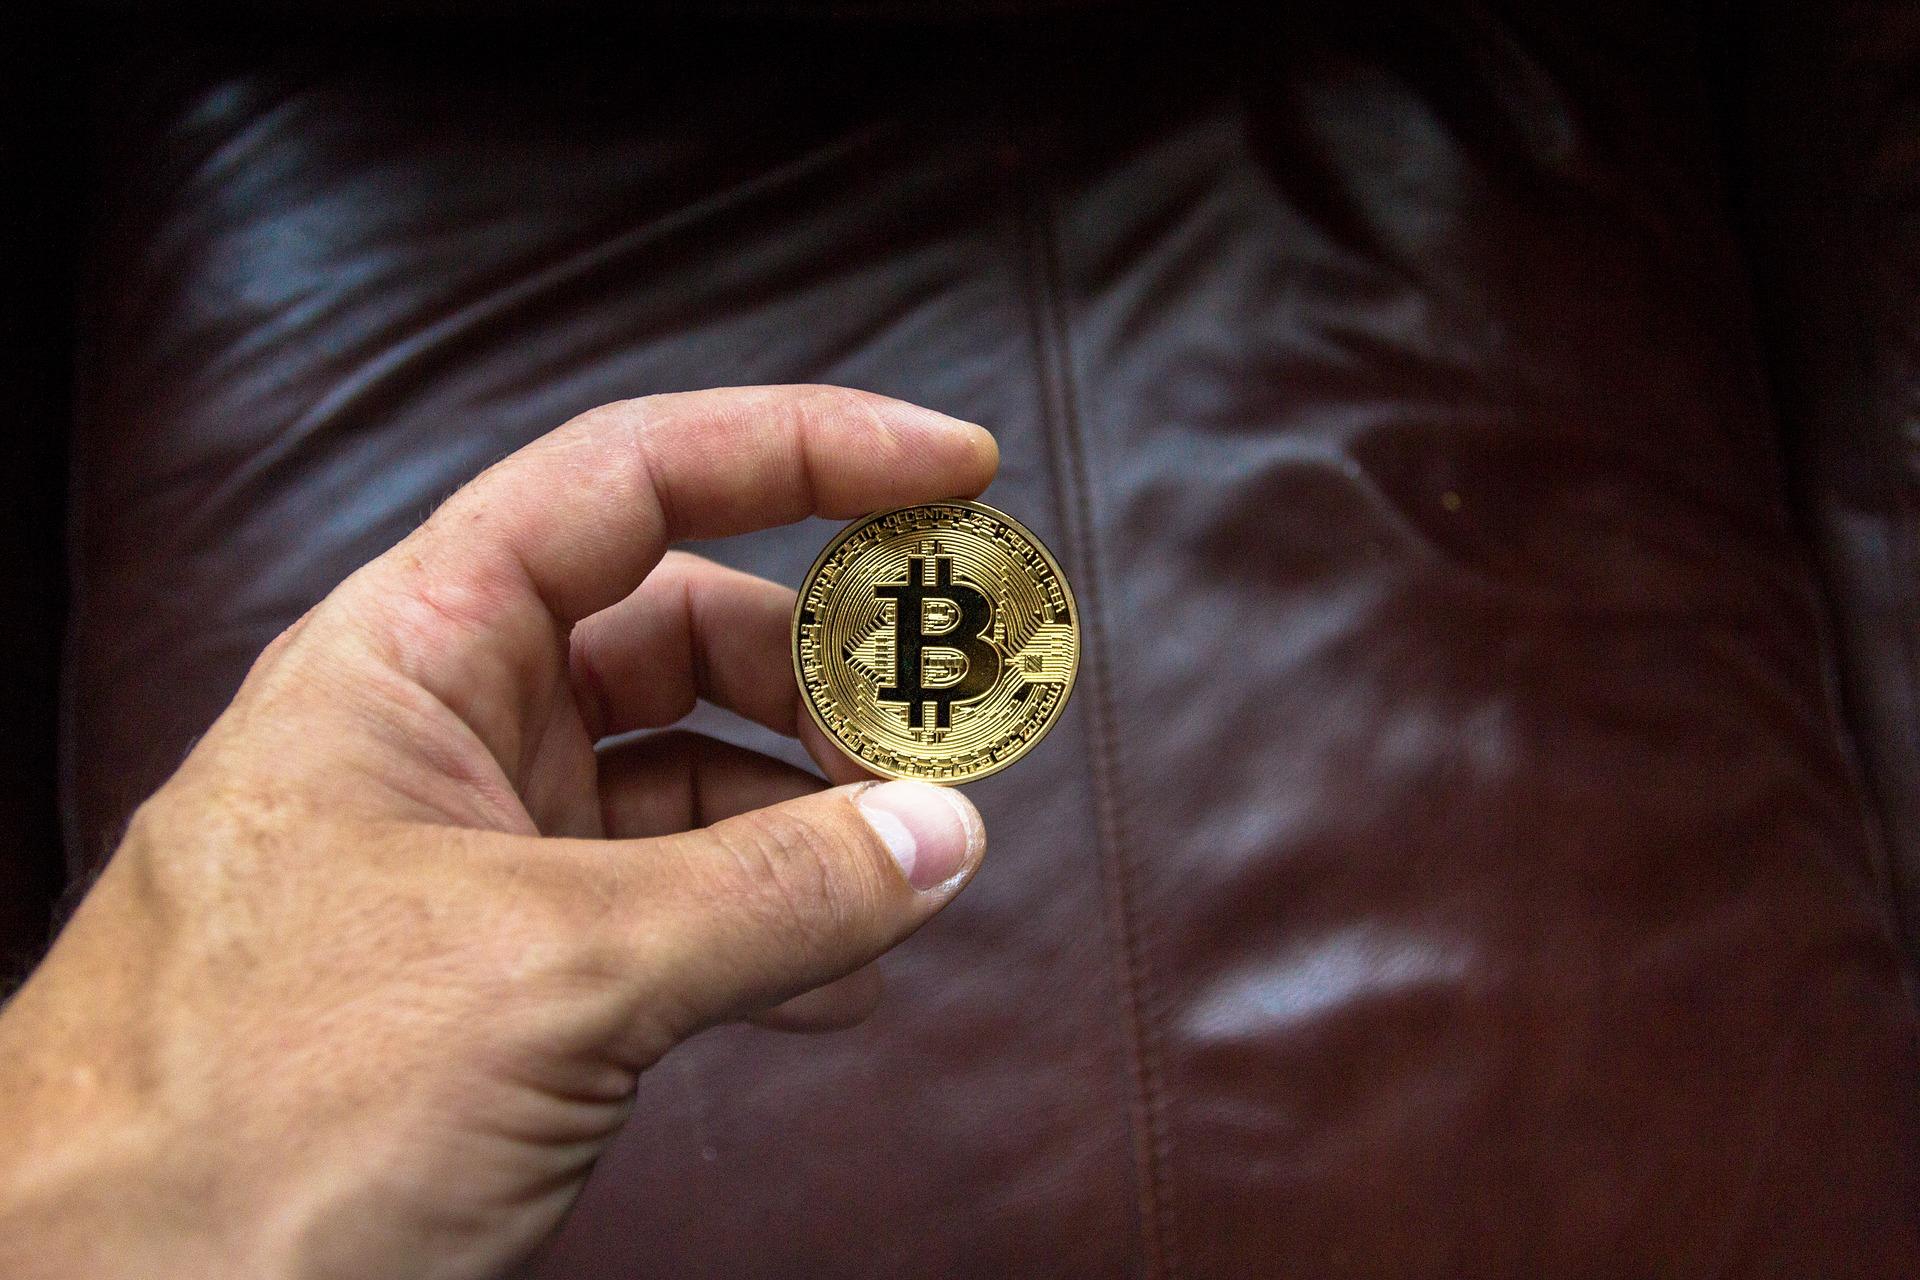 come-fare-ad-acquistare-i-bitcoin-in-italia-la-guida-definitiva